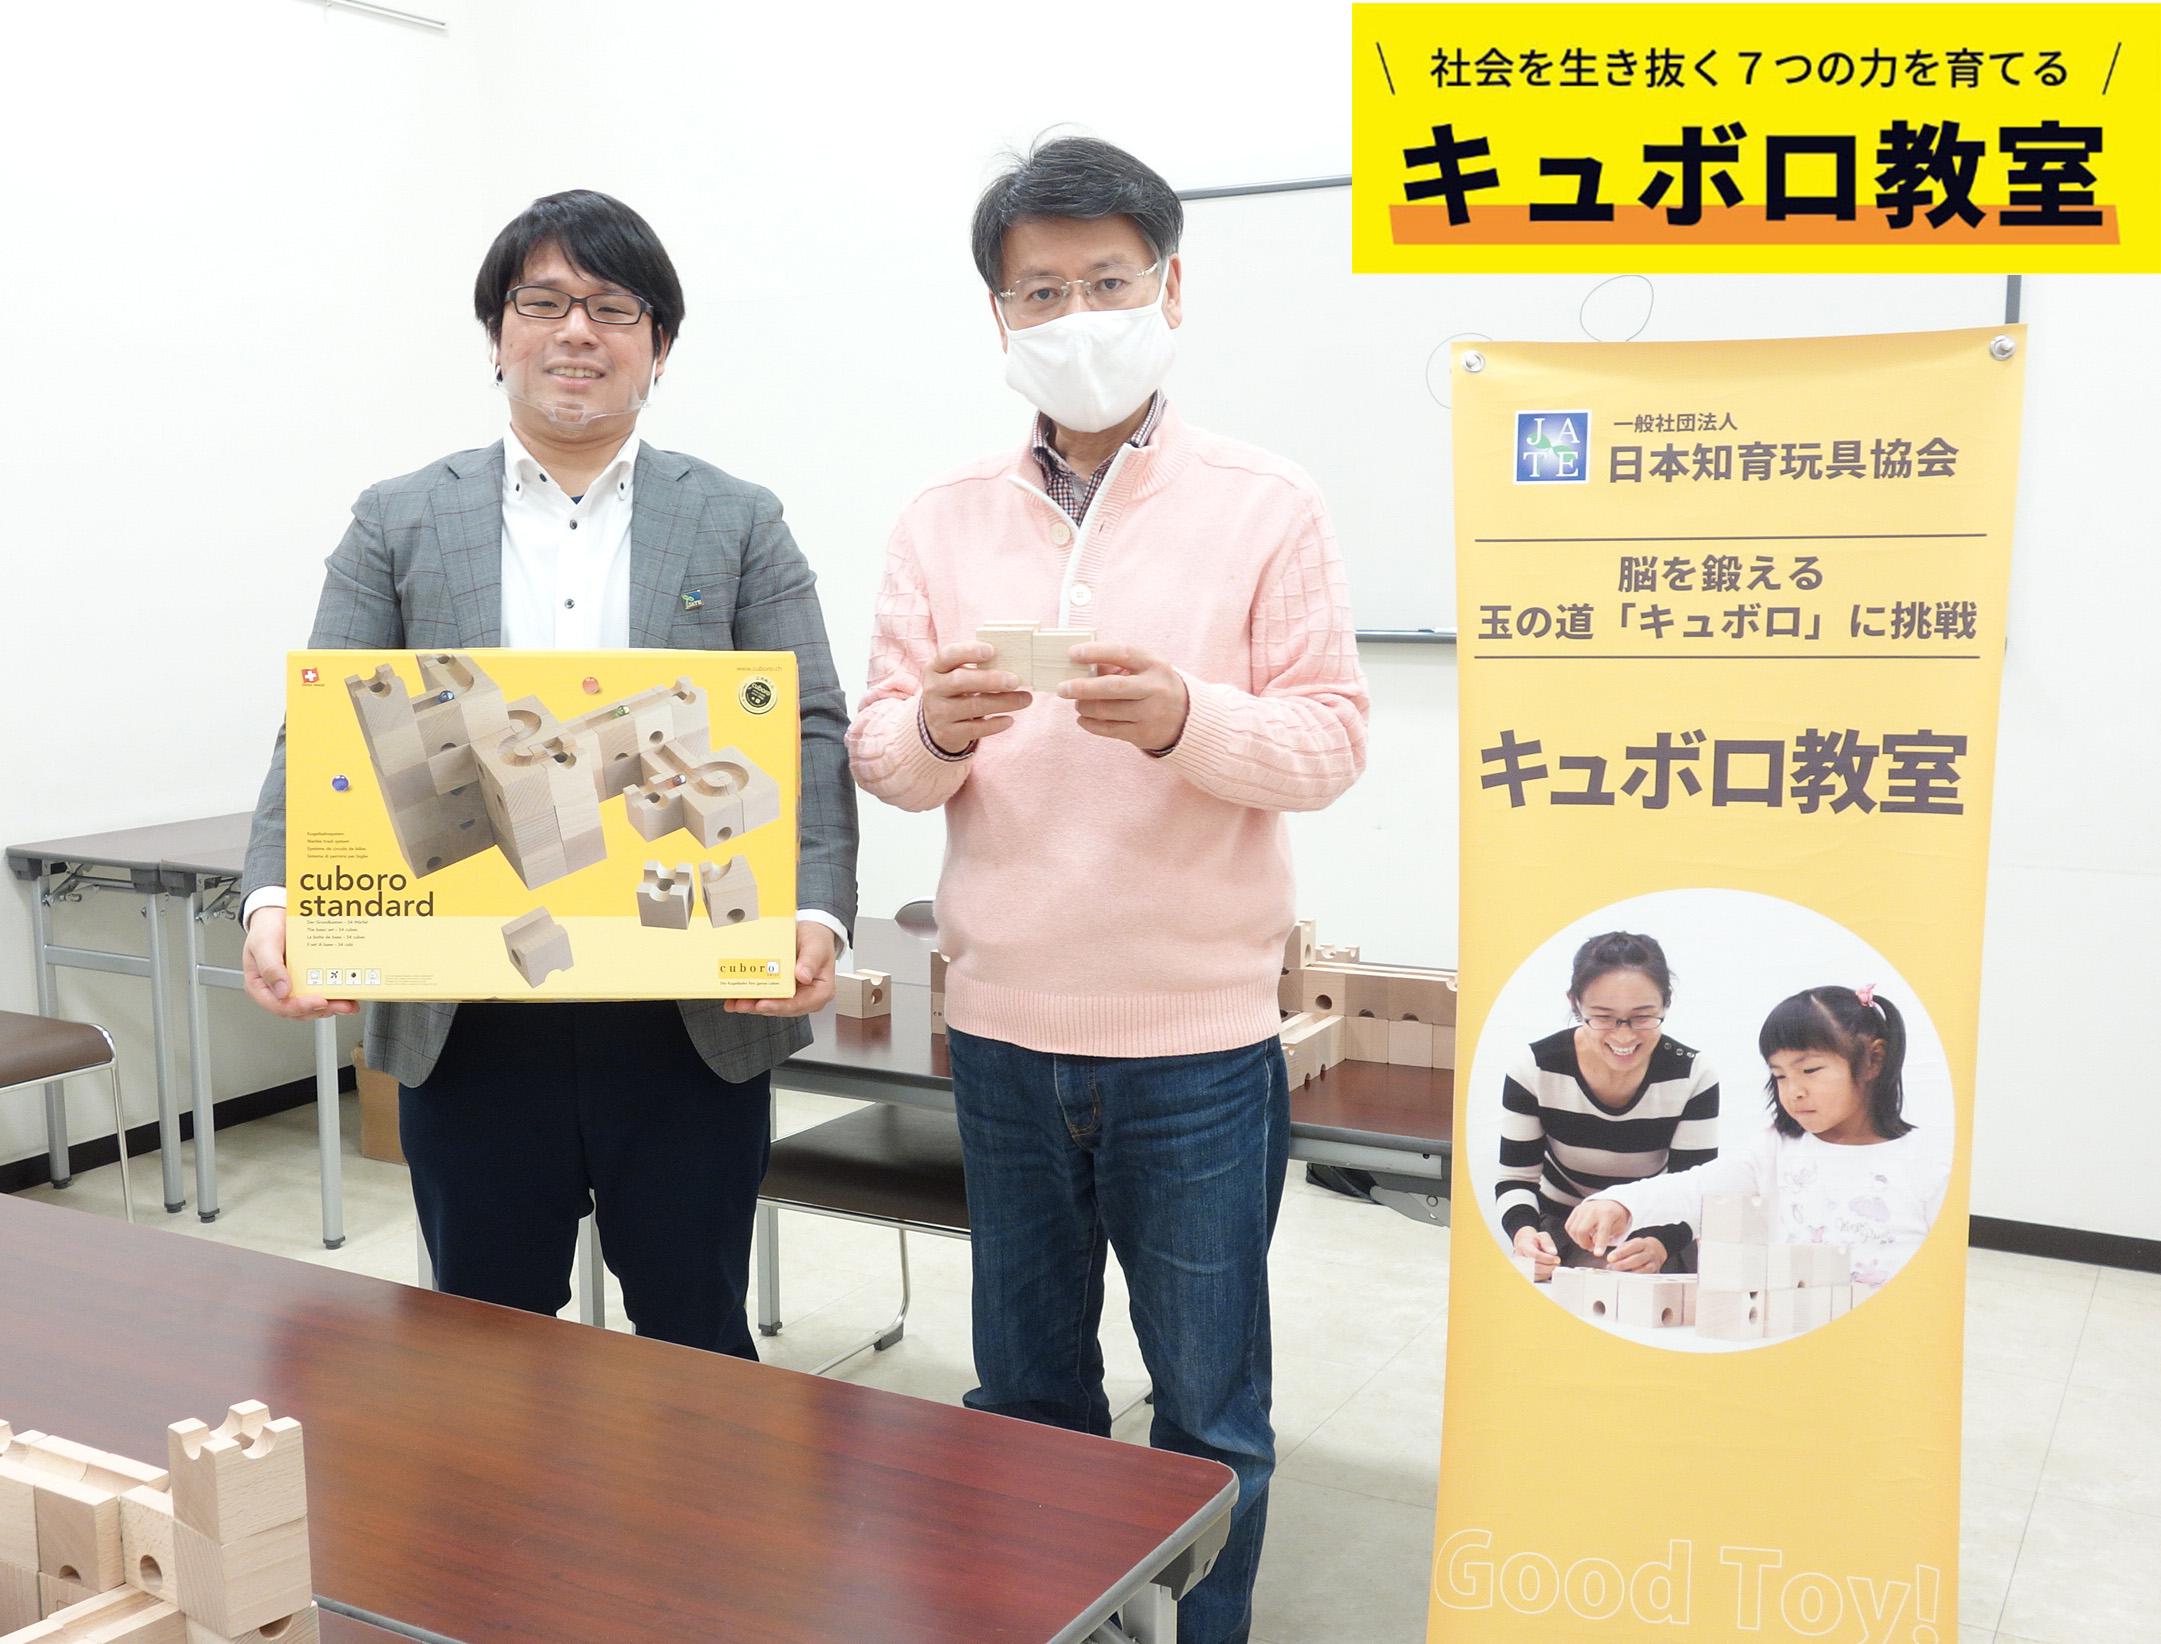 210403キュボロ教室_奈良登美ヶ丘産経学園03